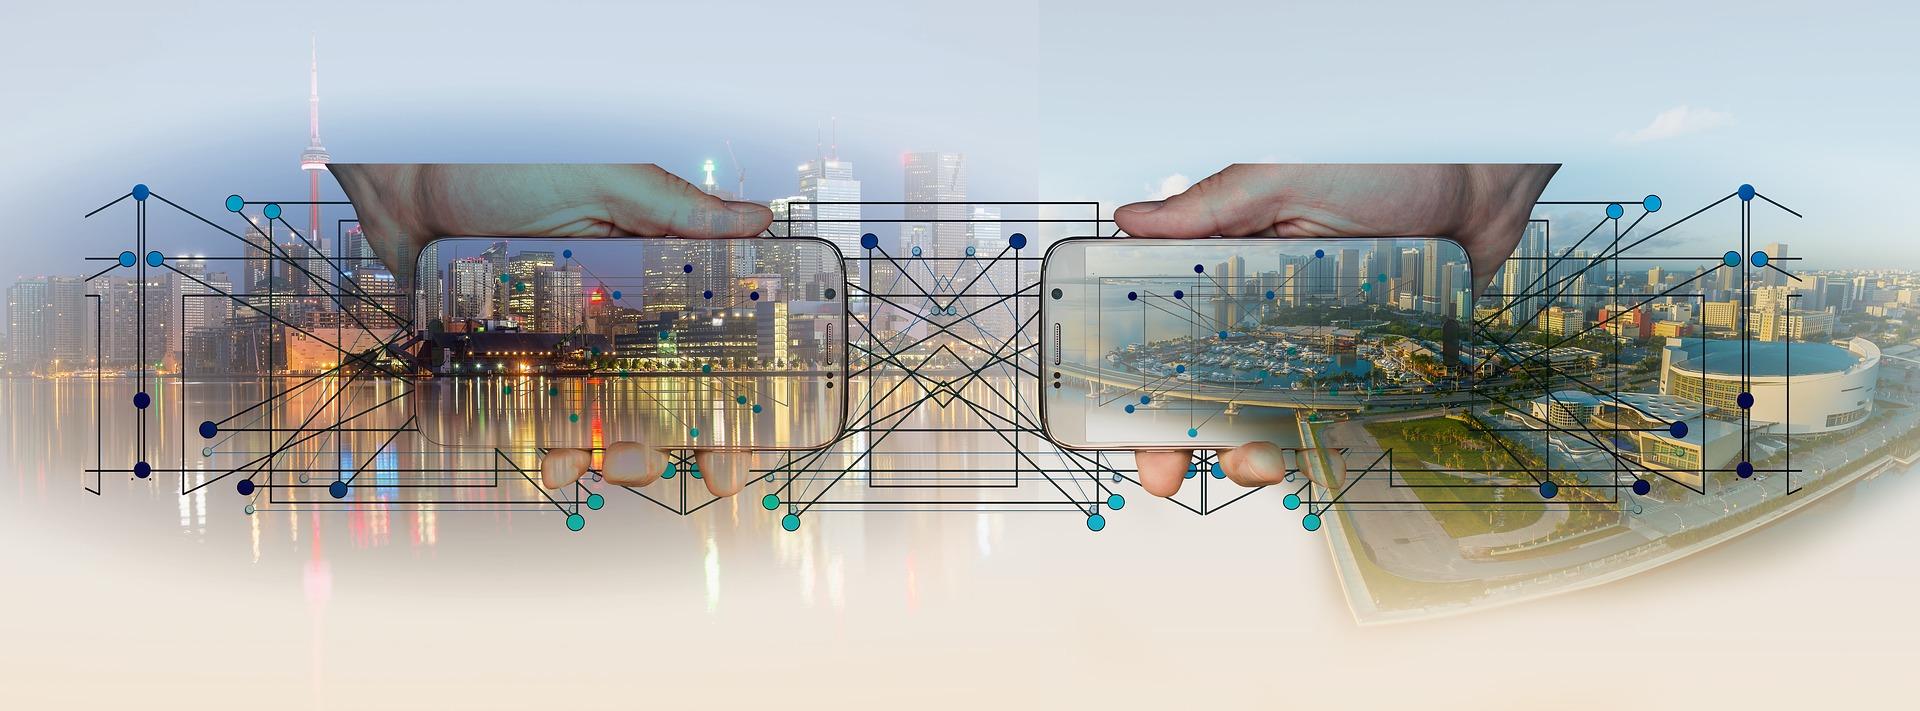 Las 10 tendencias y datos más importantes de IoT